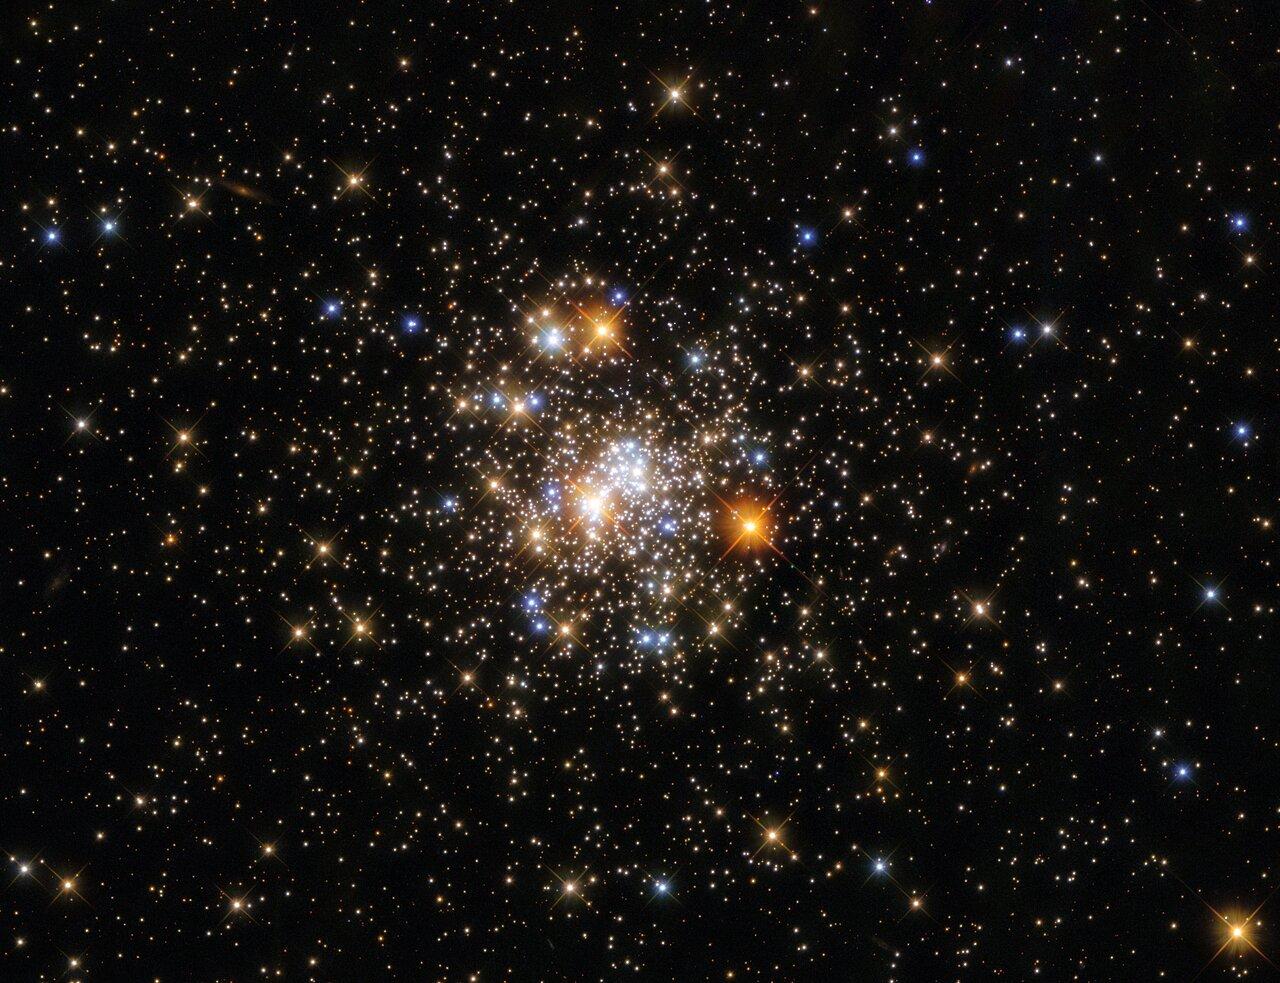 Hubble Space Telescope's Photo of NGC 6717 Globular Cluster